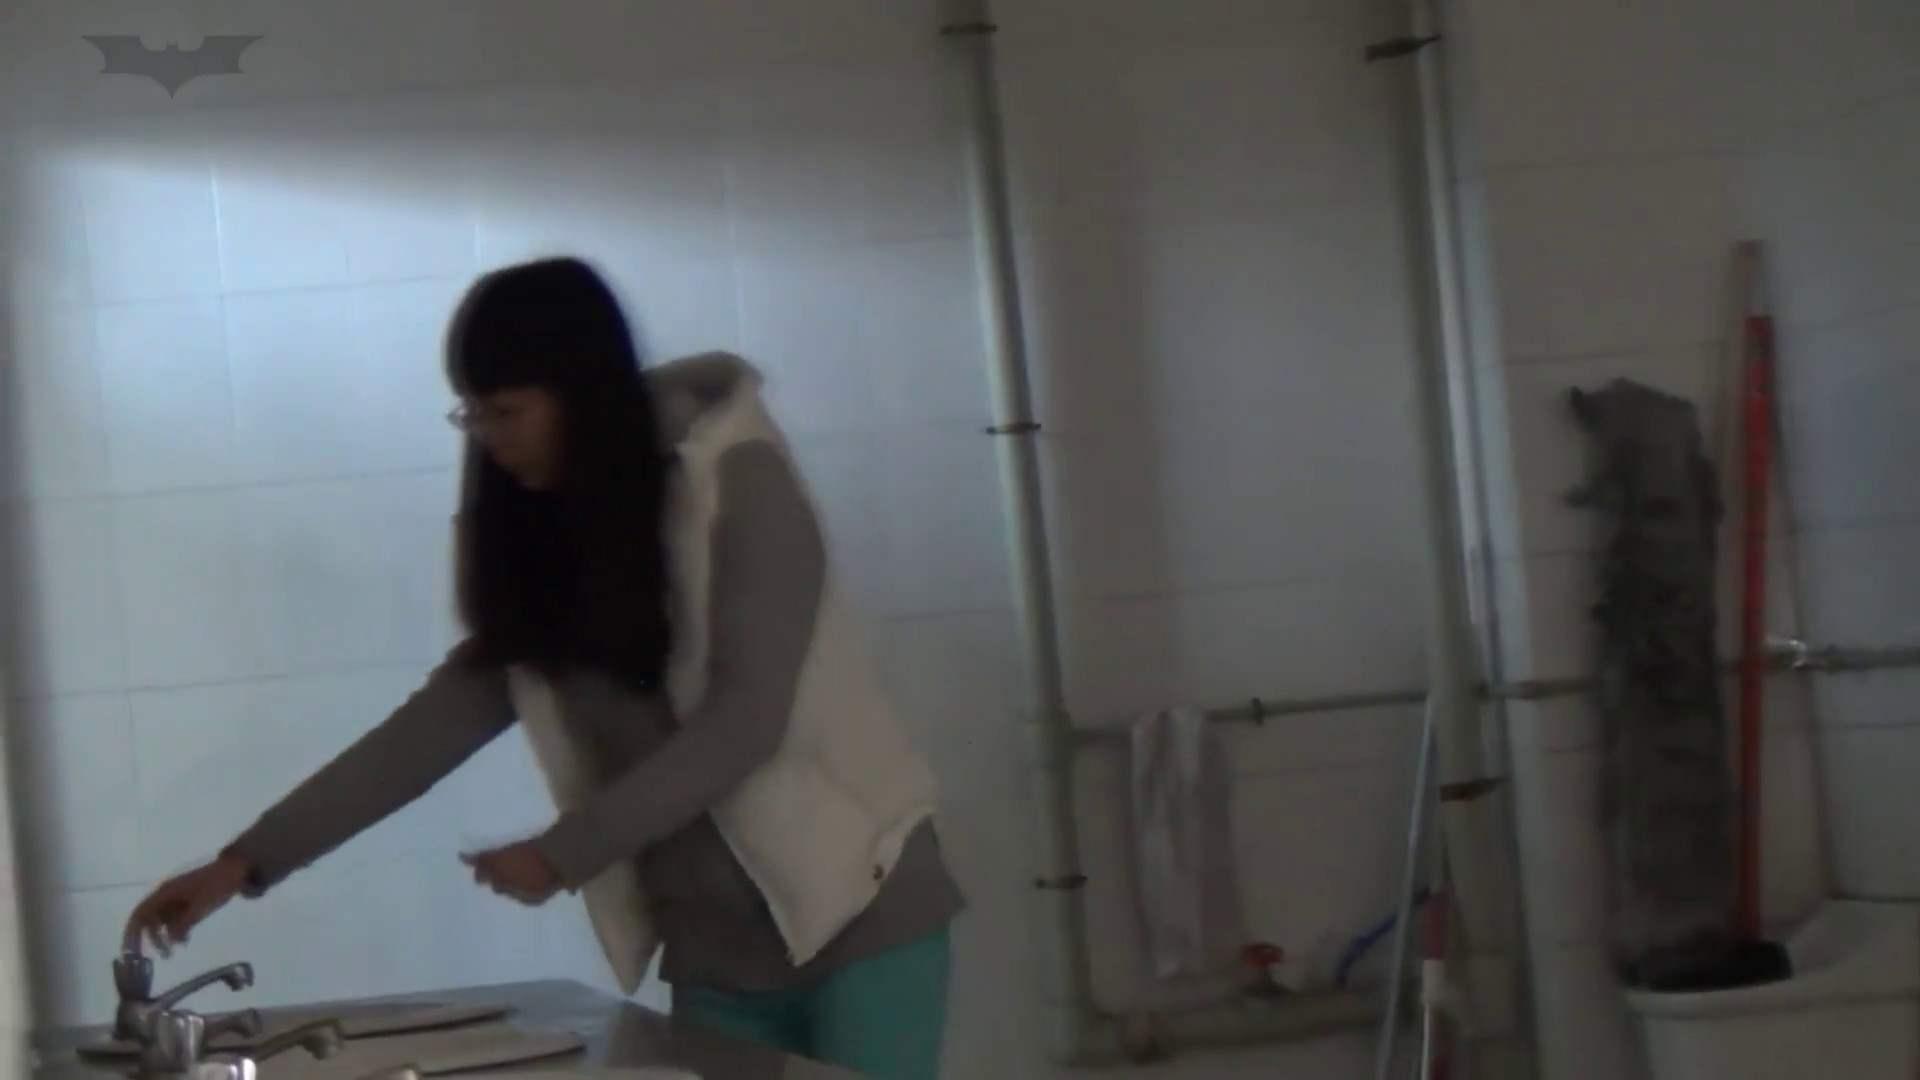 JD盗撮 美女の洗面所の秘密 Vol.22 トイレの中の女の子 盗み撮り動画 64連発 34